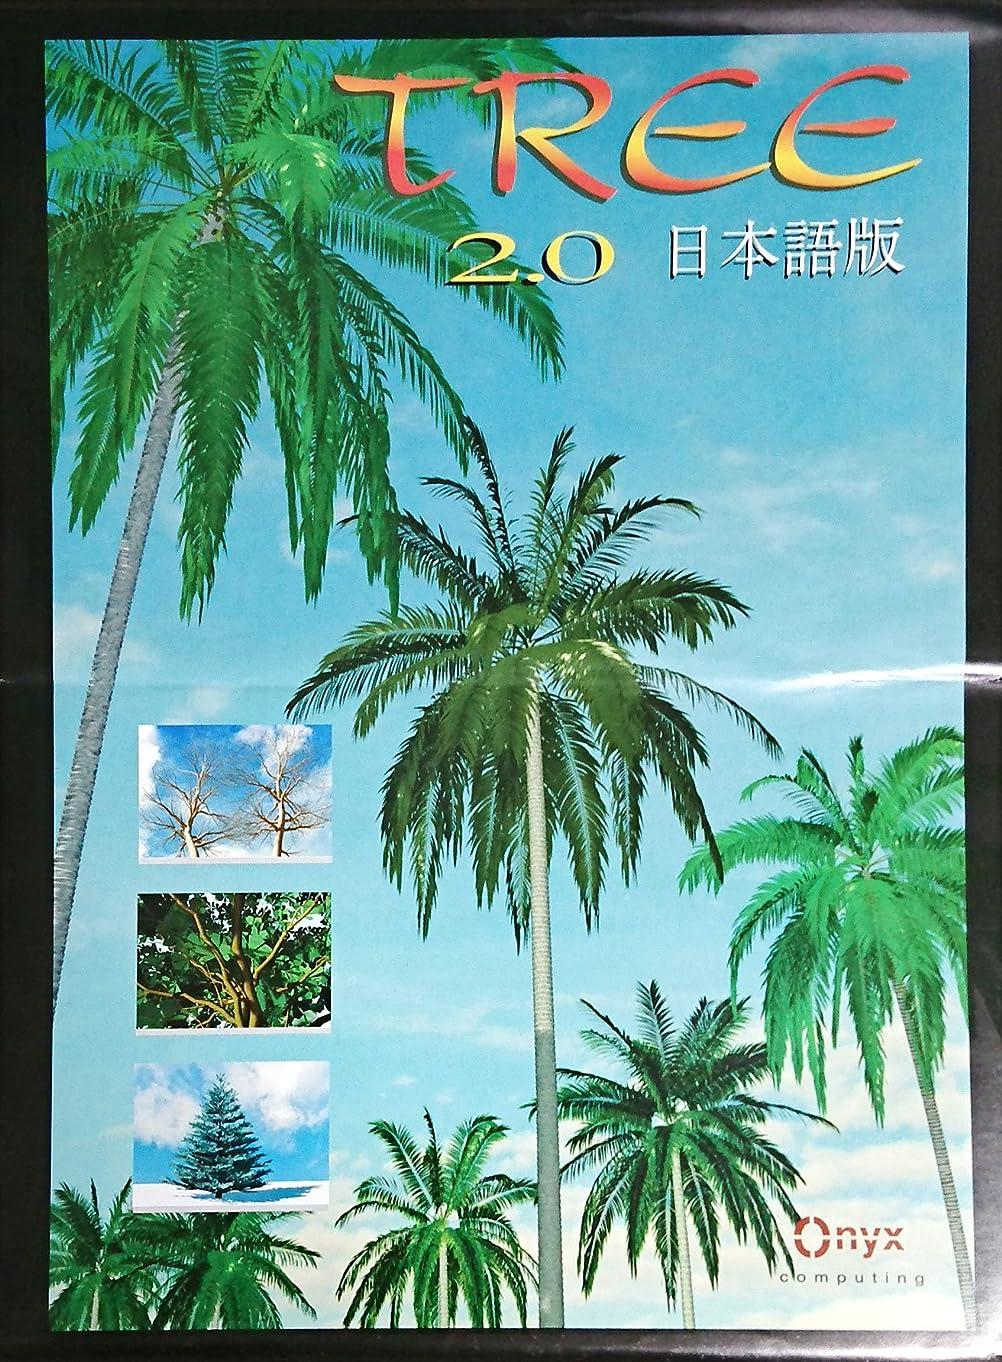 ぎこちない隣接皮Tree Pro / Tree 2D Version2.0 ヤシライブラリ